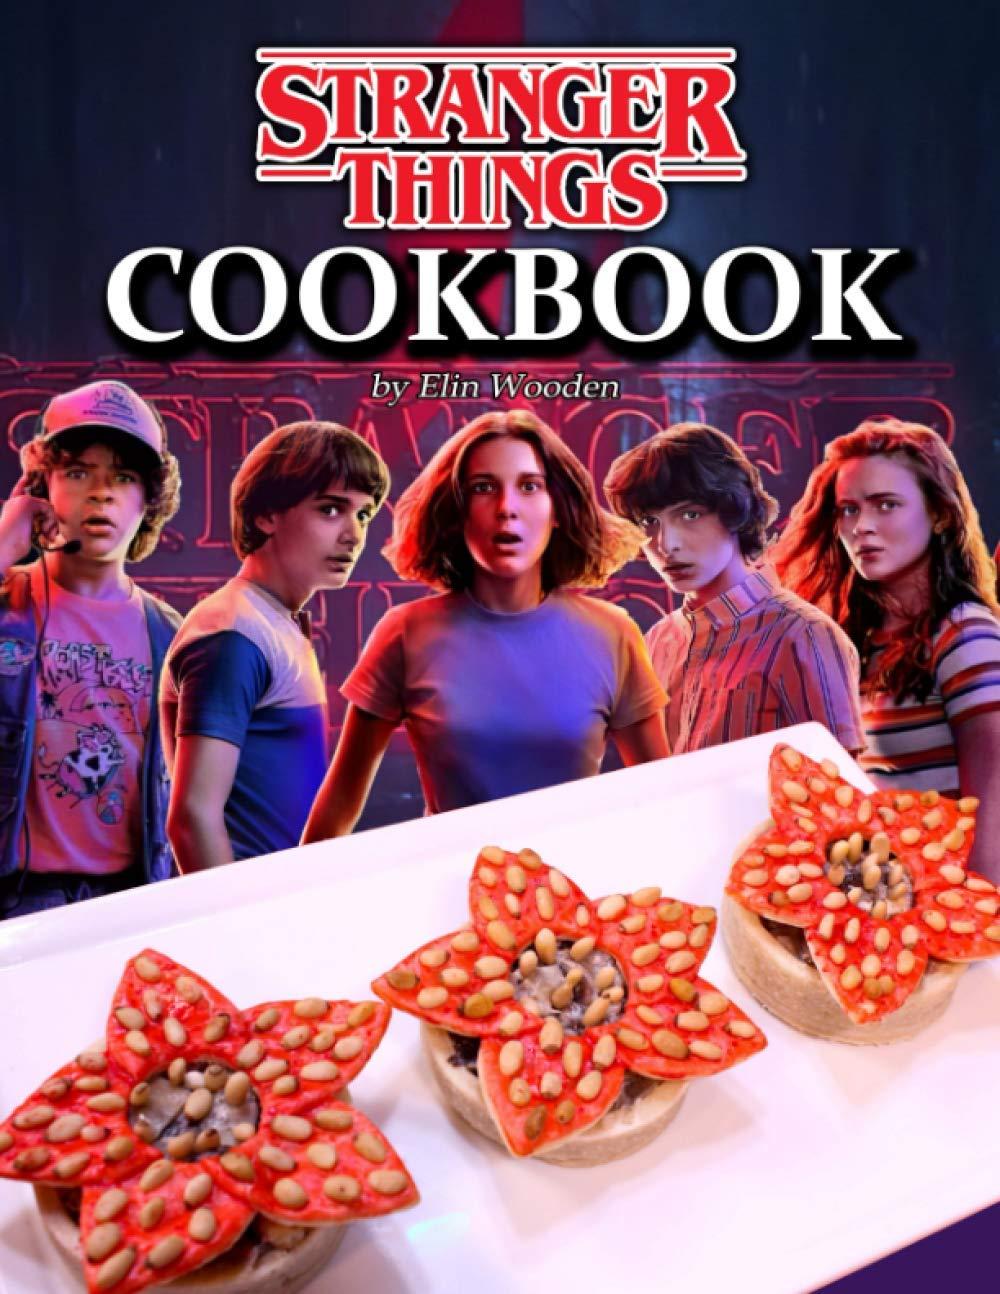 Stranger Things cookbook